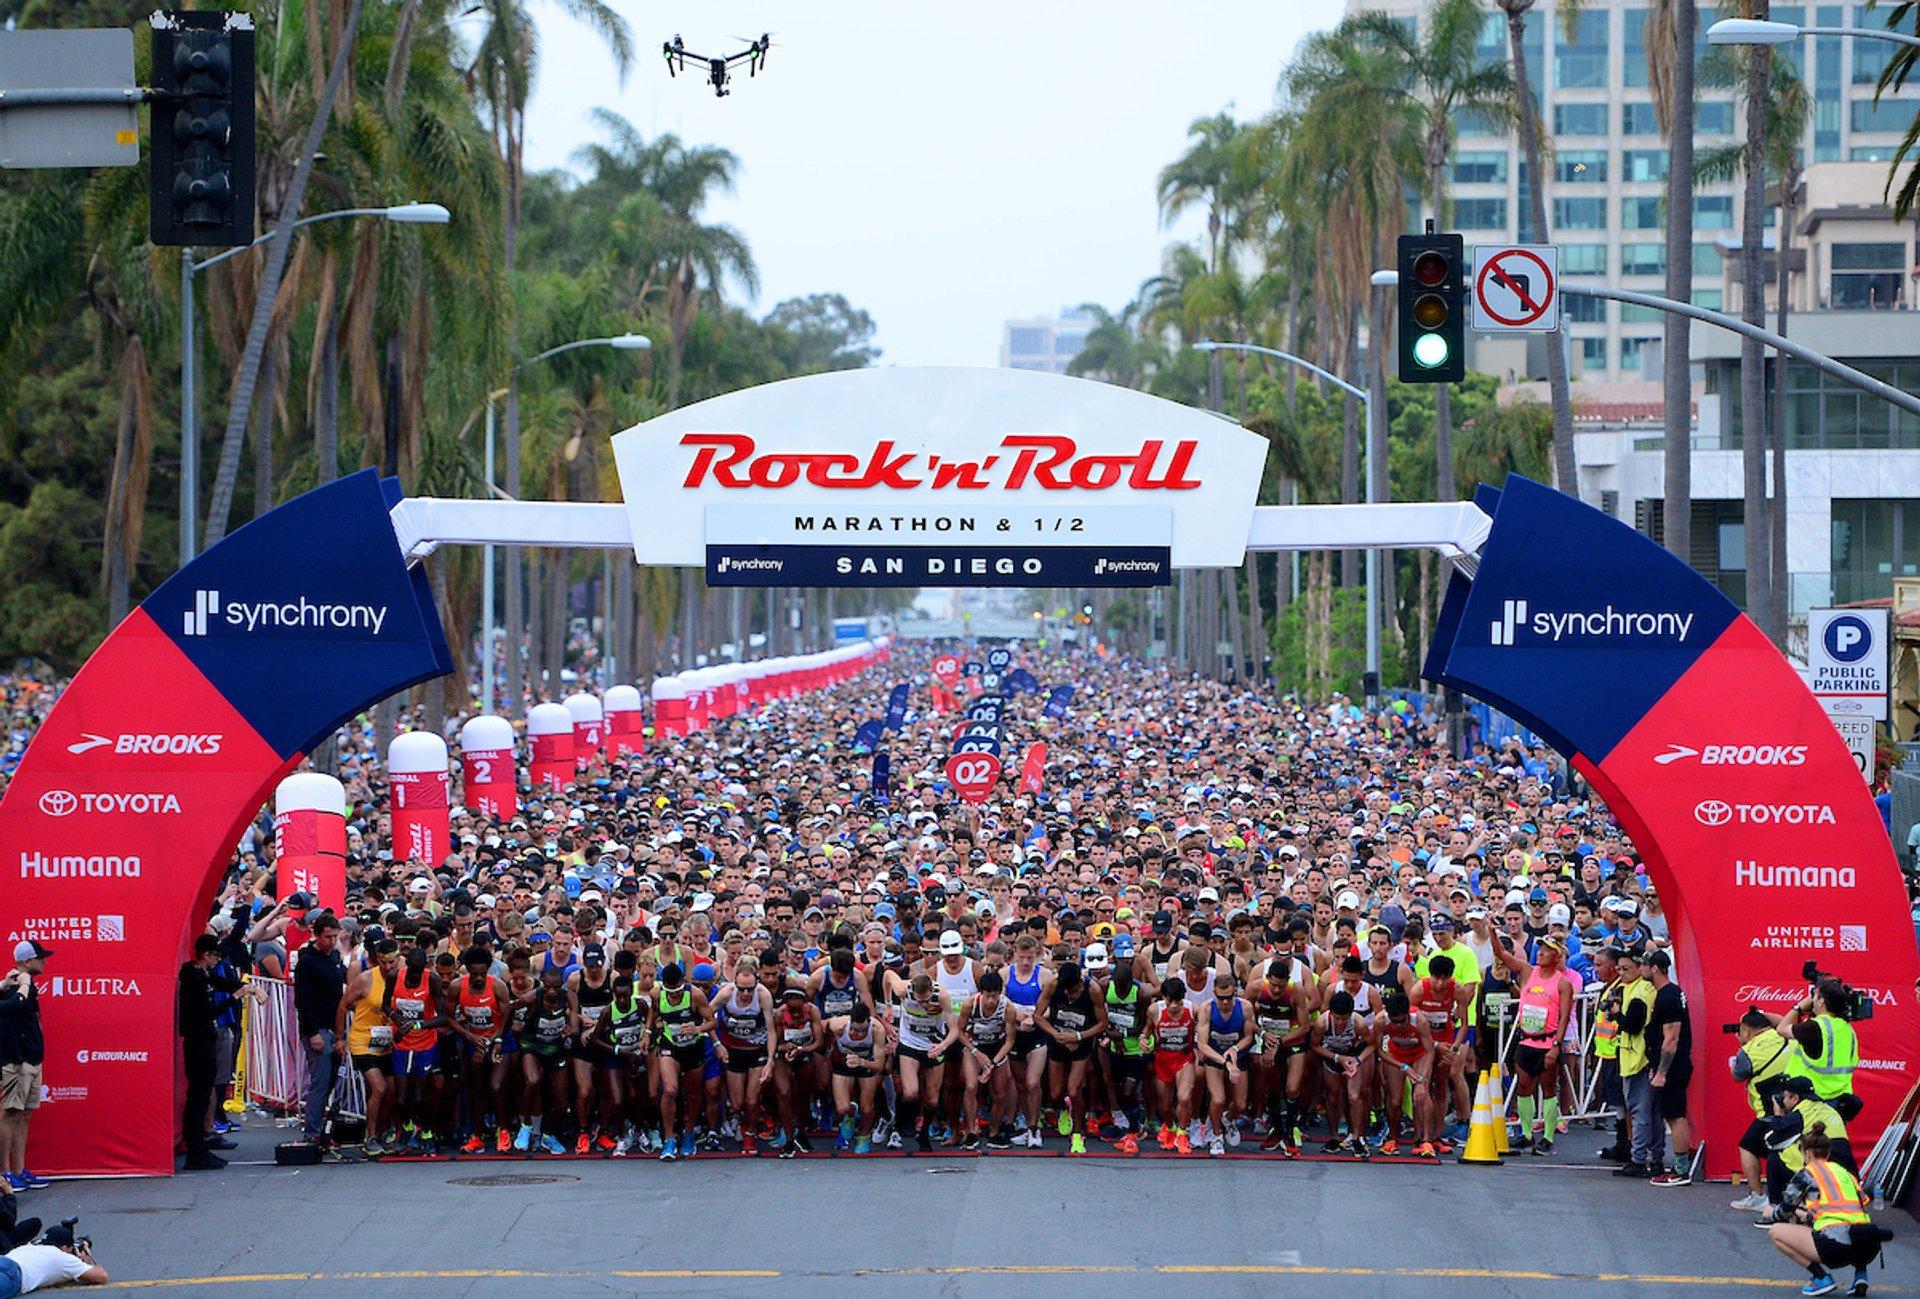 Rock'n'Roll San Diego Marathon & 1/2 Marathon in San Diego 2019 - Best Time